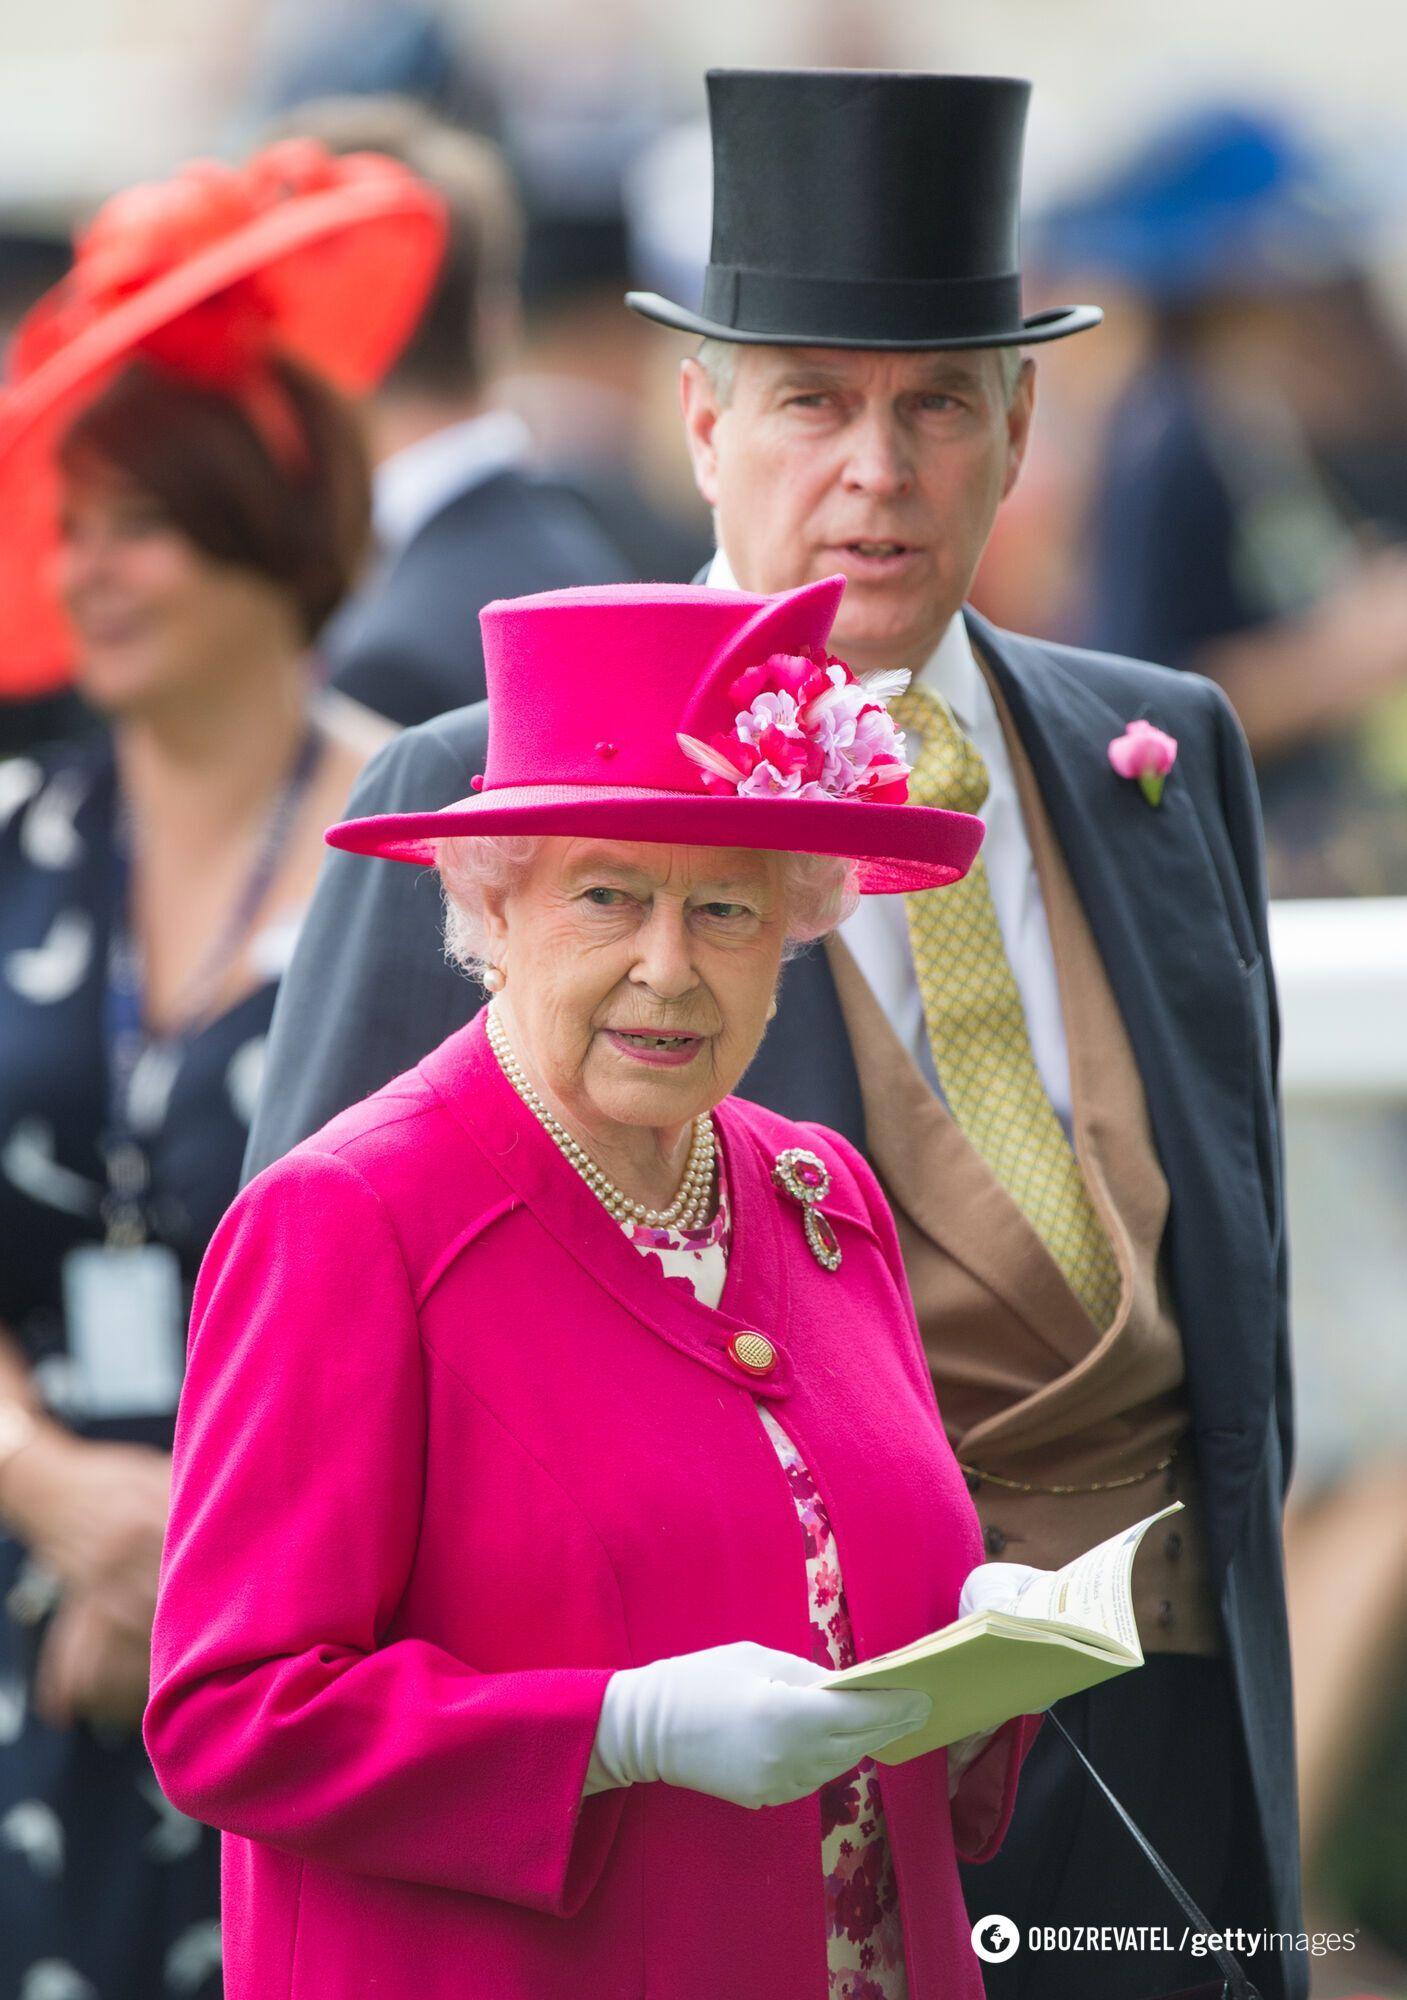 Елизавета II в ярко-розовом образе